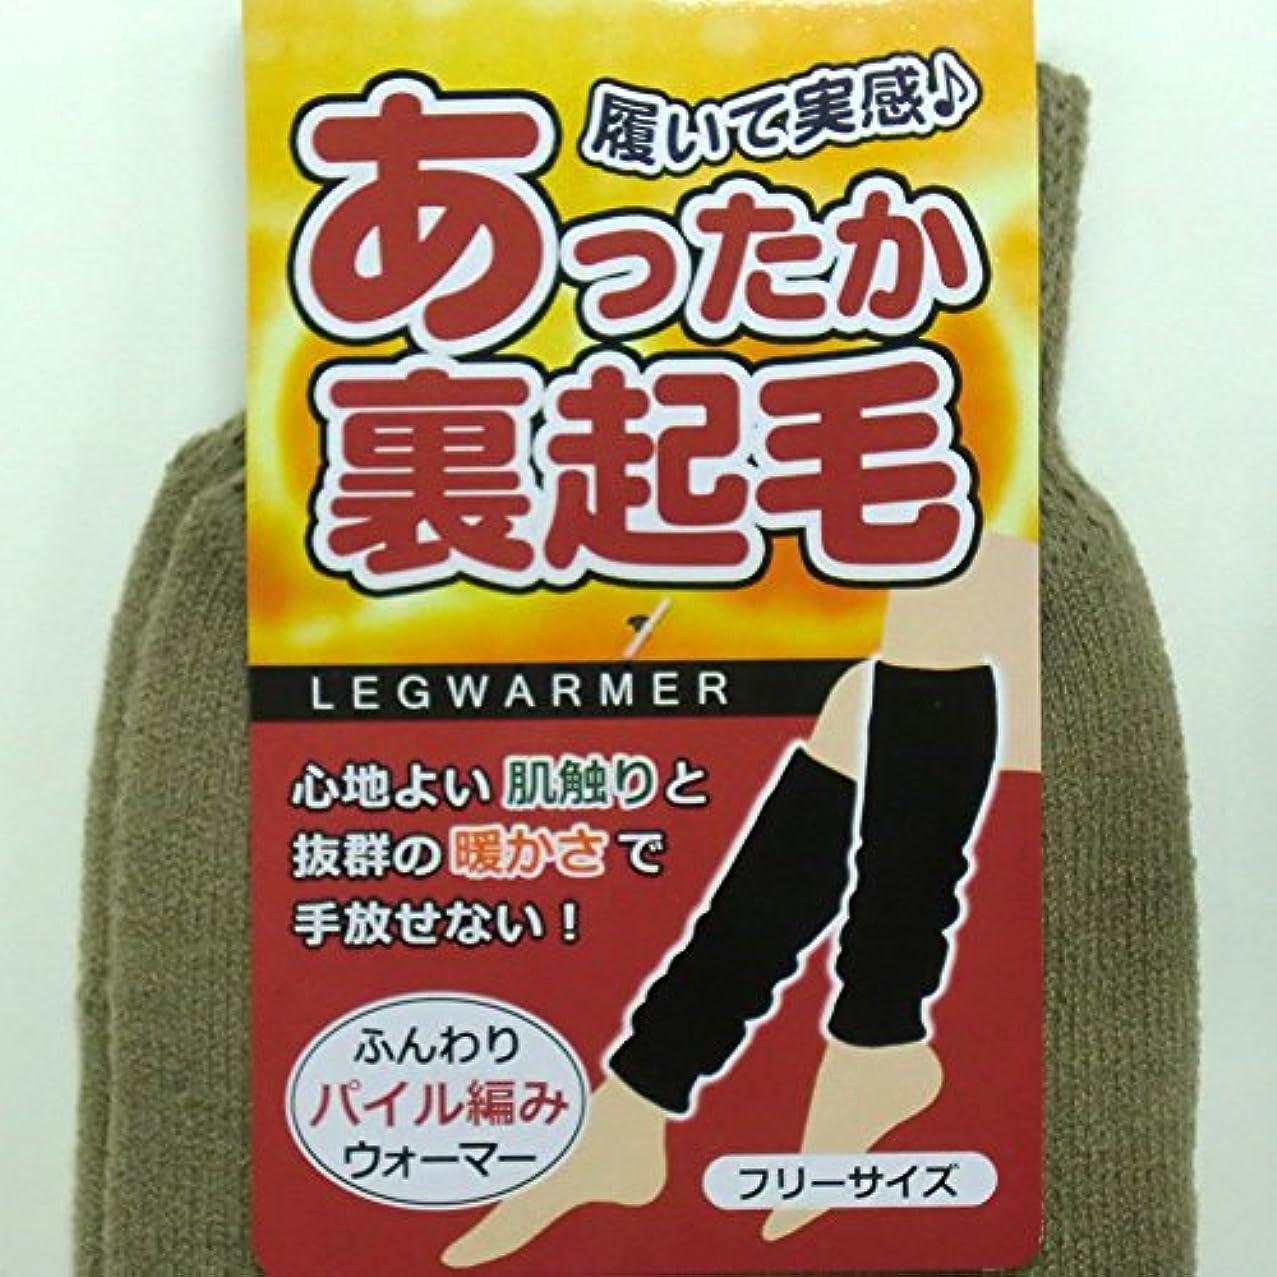 不正分解する電圧あったか ロング レッグウォーマー 45cm丈 裏起毛 パイル編み カプサイシン加工 男女兼用 2足組(柄はお任せ)